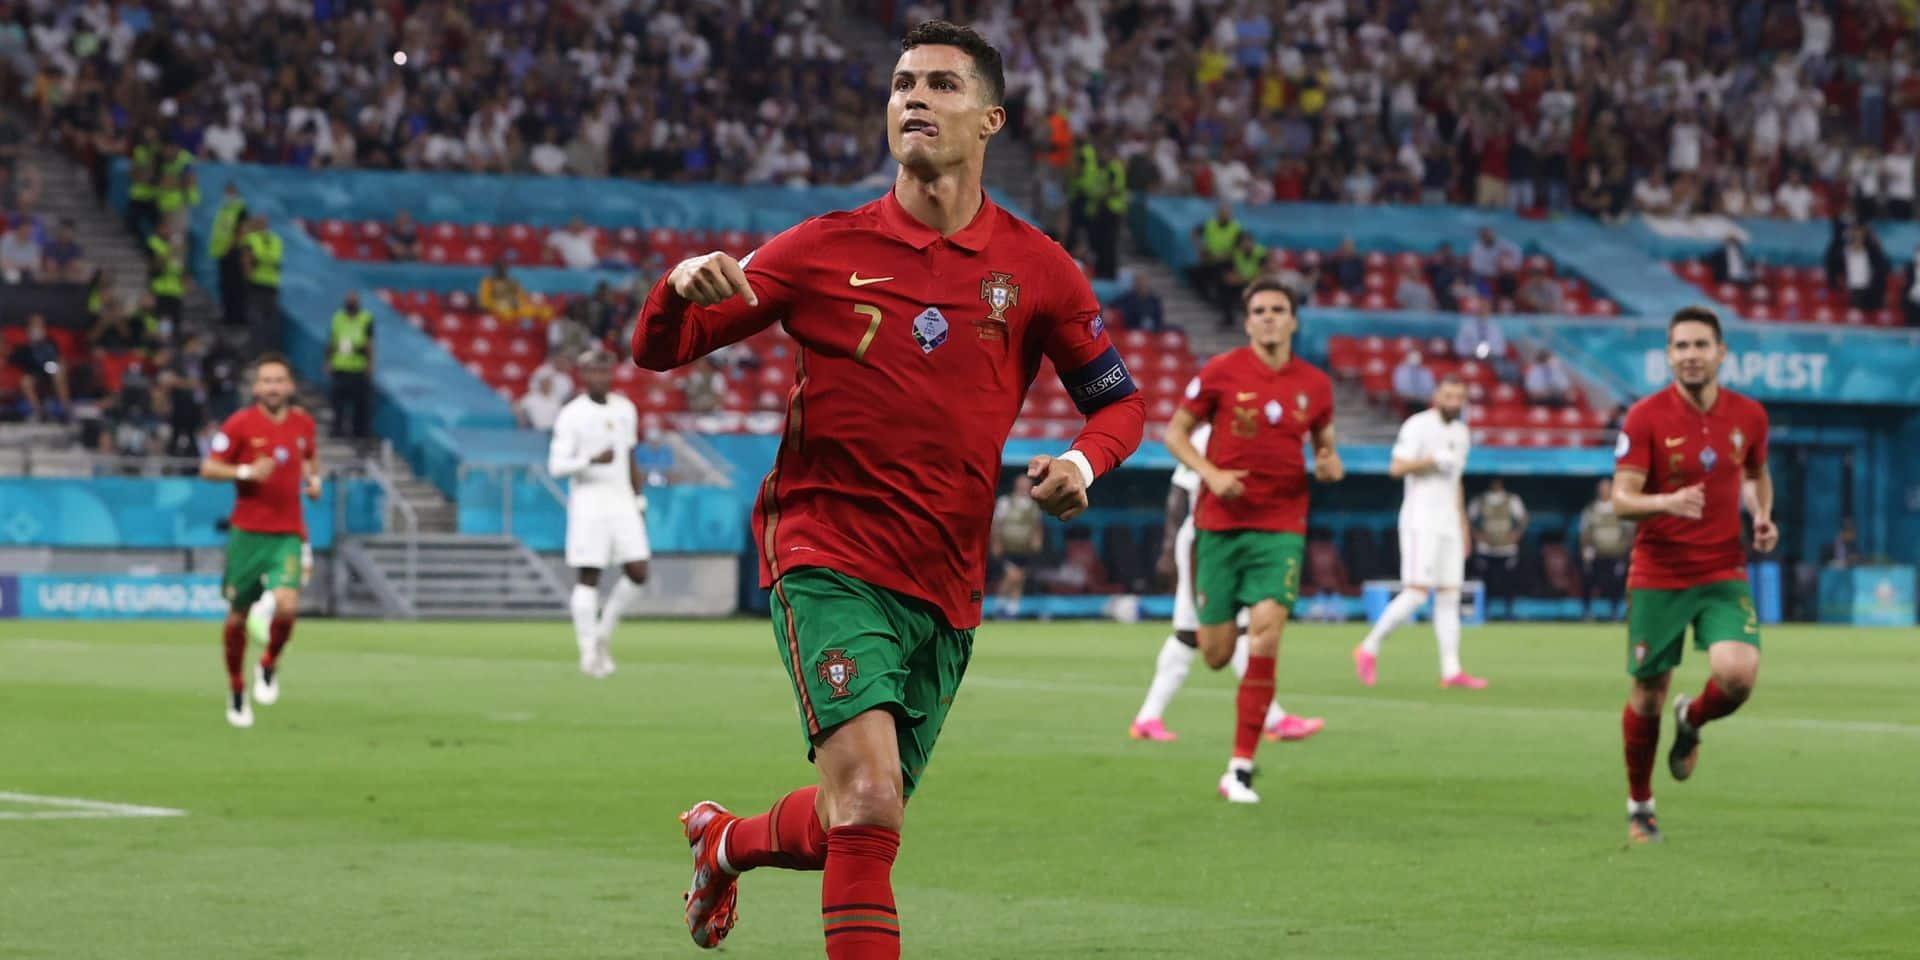 Cristiano Ronaldo est le meilleur buteur de l'Euro 2020: revivez ses cinq buts en vidéos!